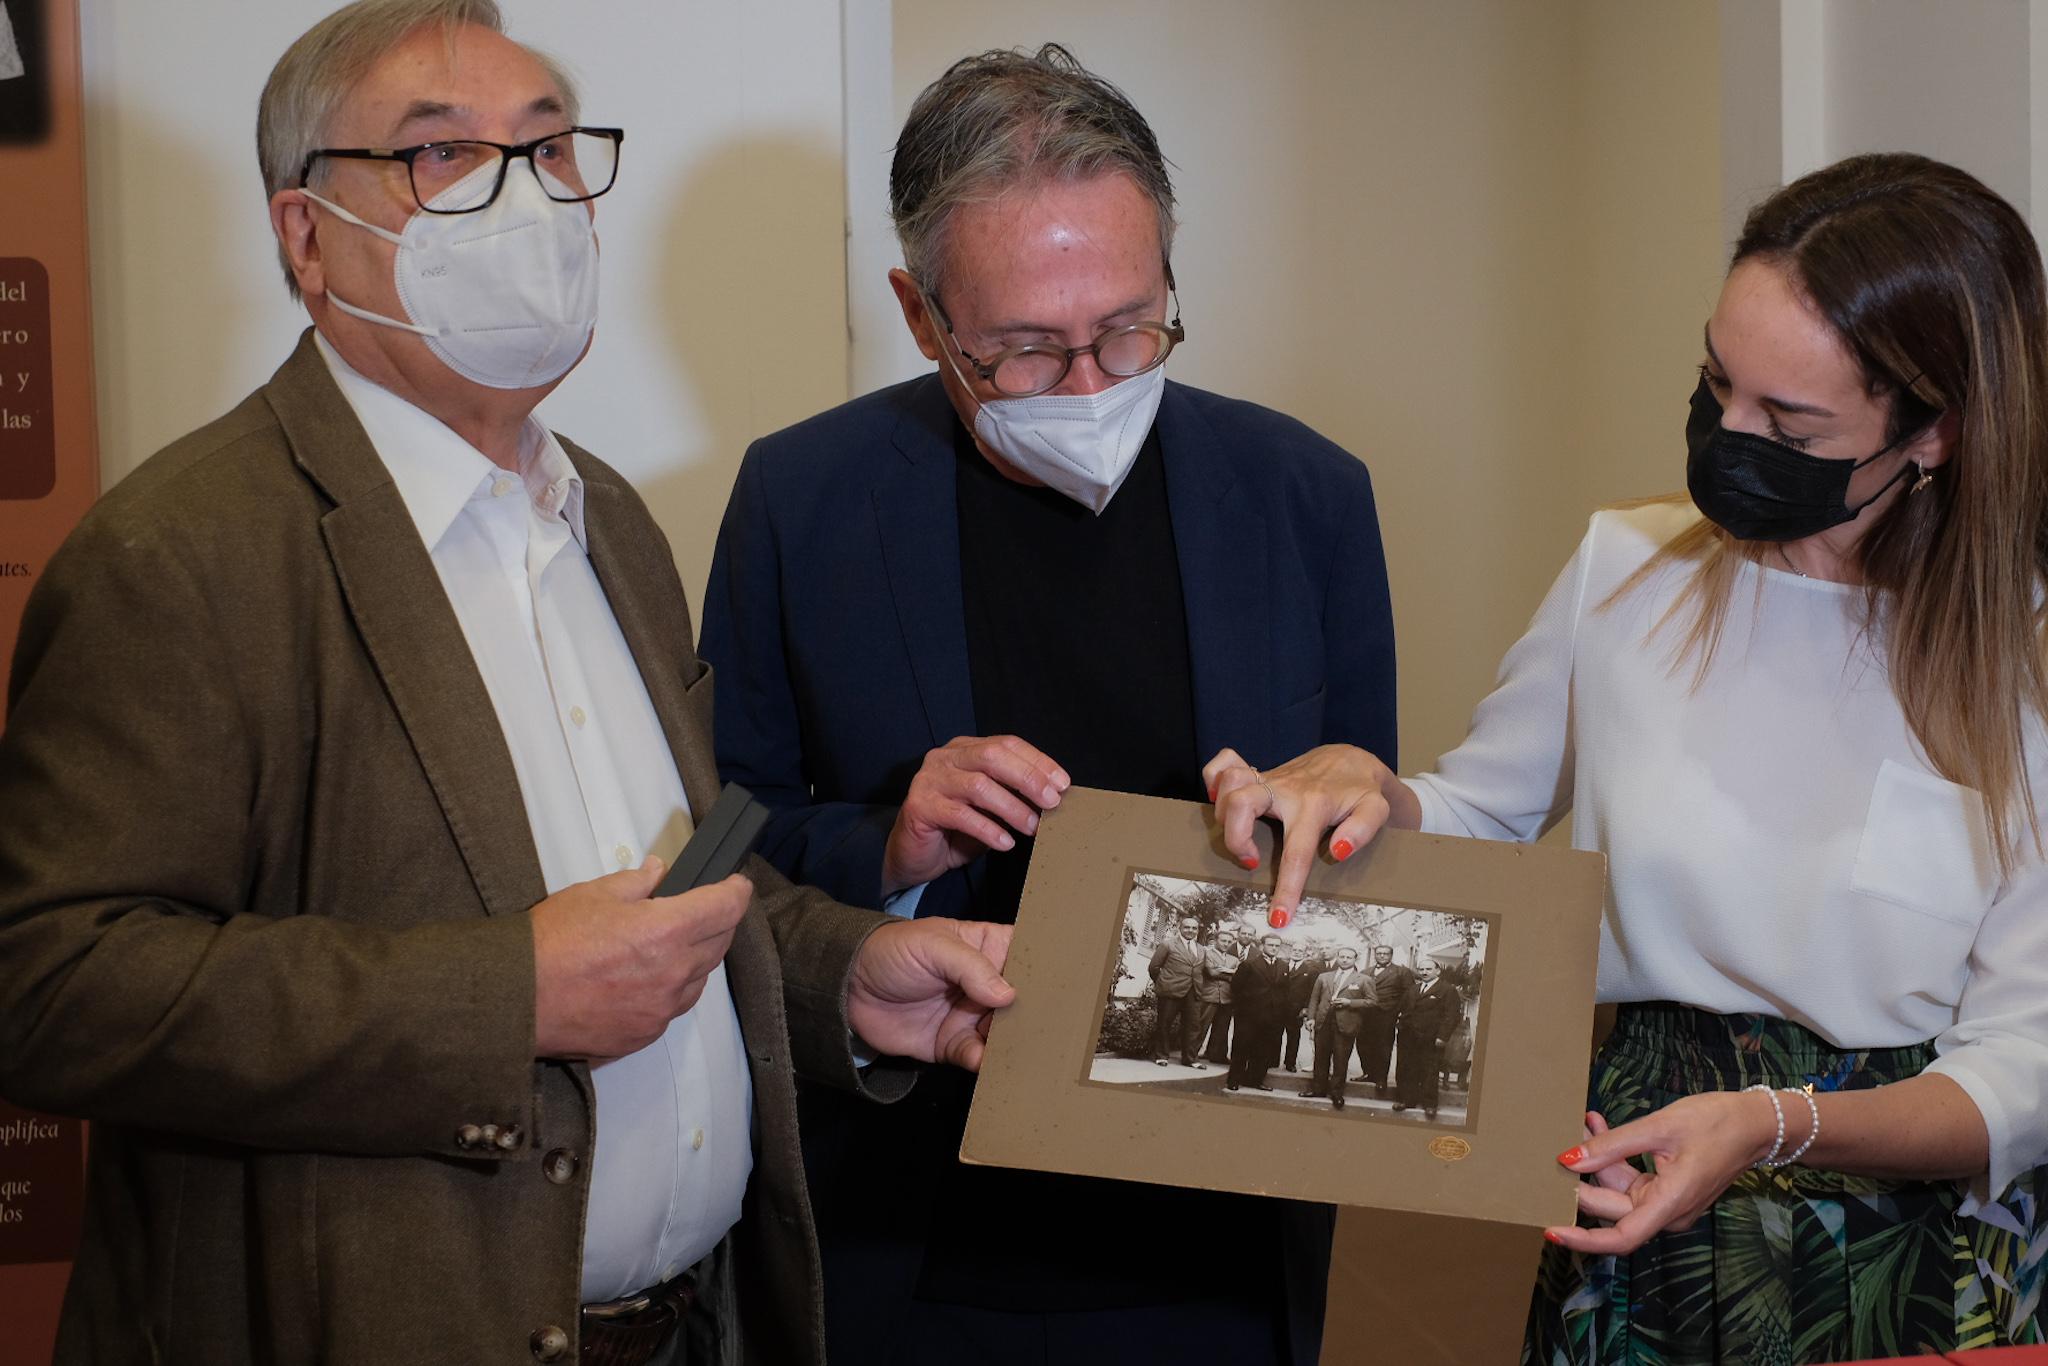 El Cabildo entrega a la Fundación Juan Negrín más de 4.000 piezas digitalizadas y catalogadas del fondo documental del ex alcalde republicano Nicolás Díaz Saavedra